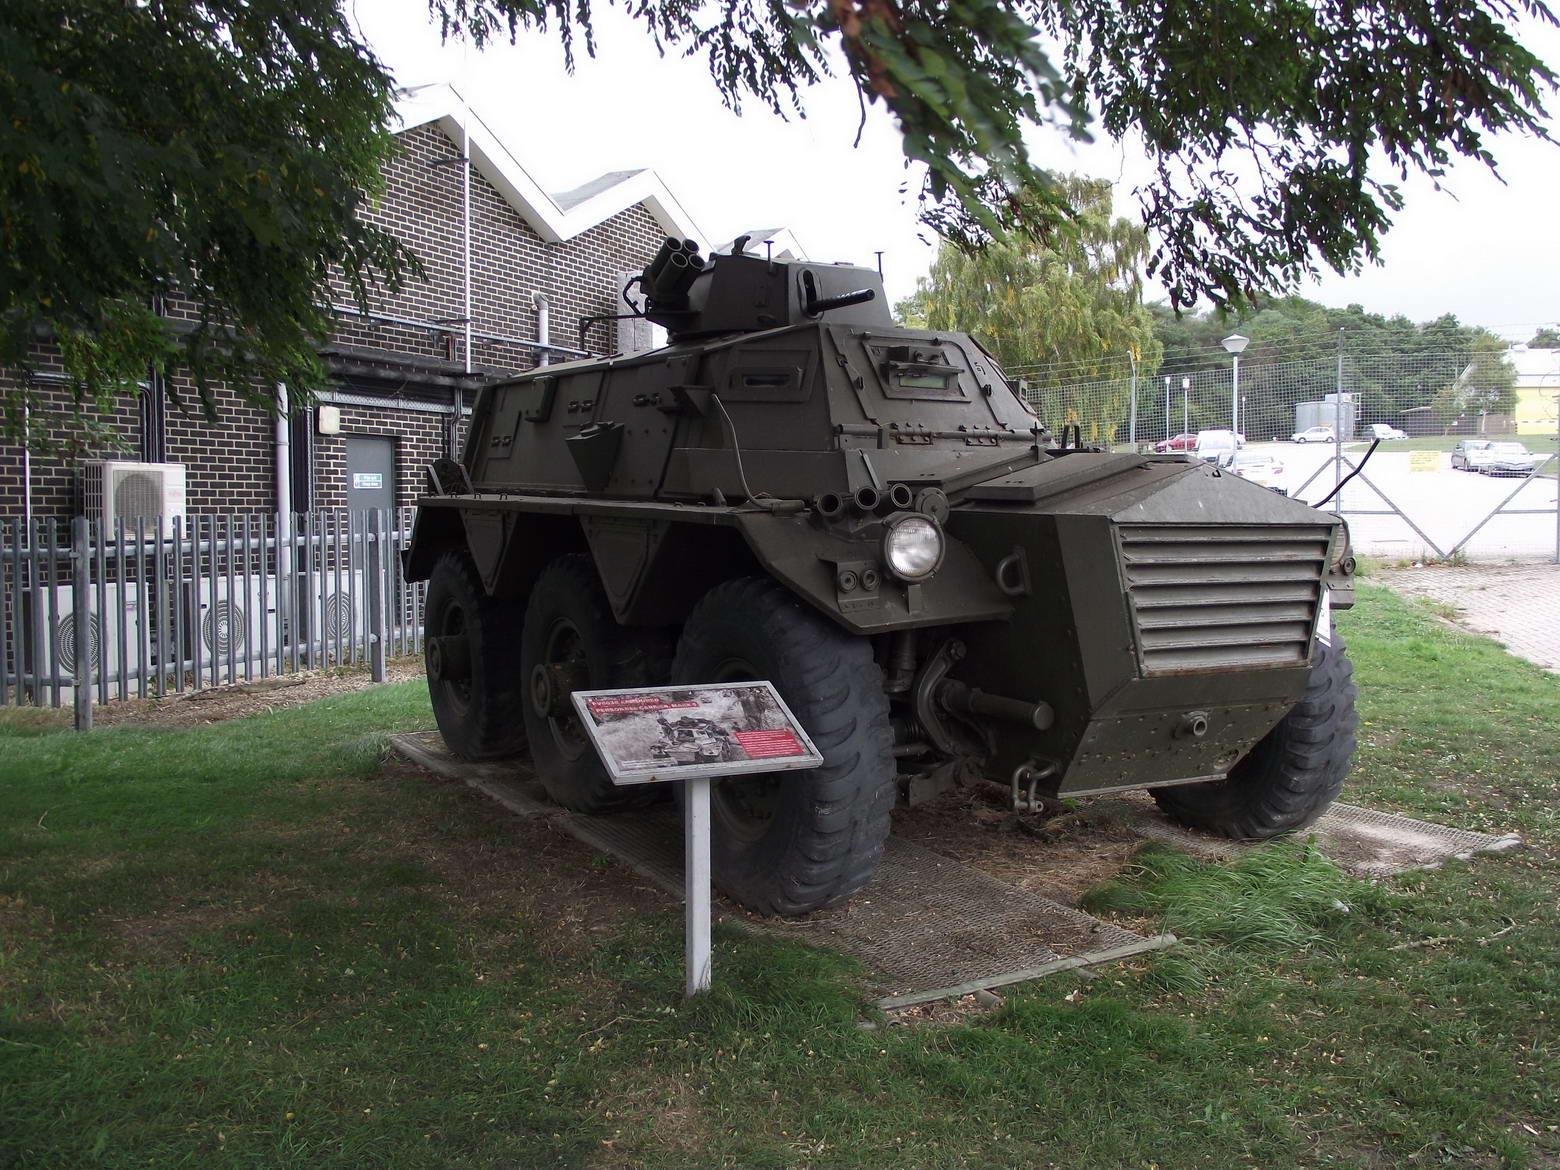 Tank_Museum_20180919_056.jpg